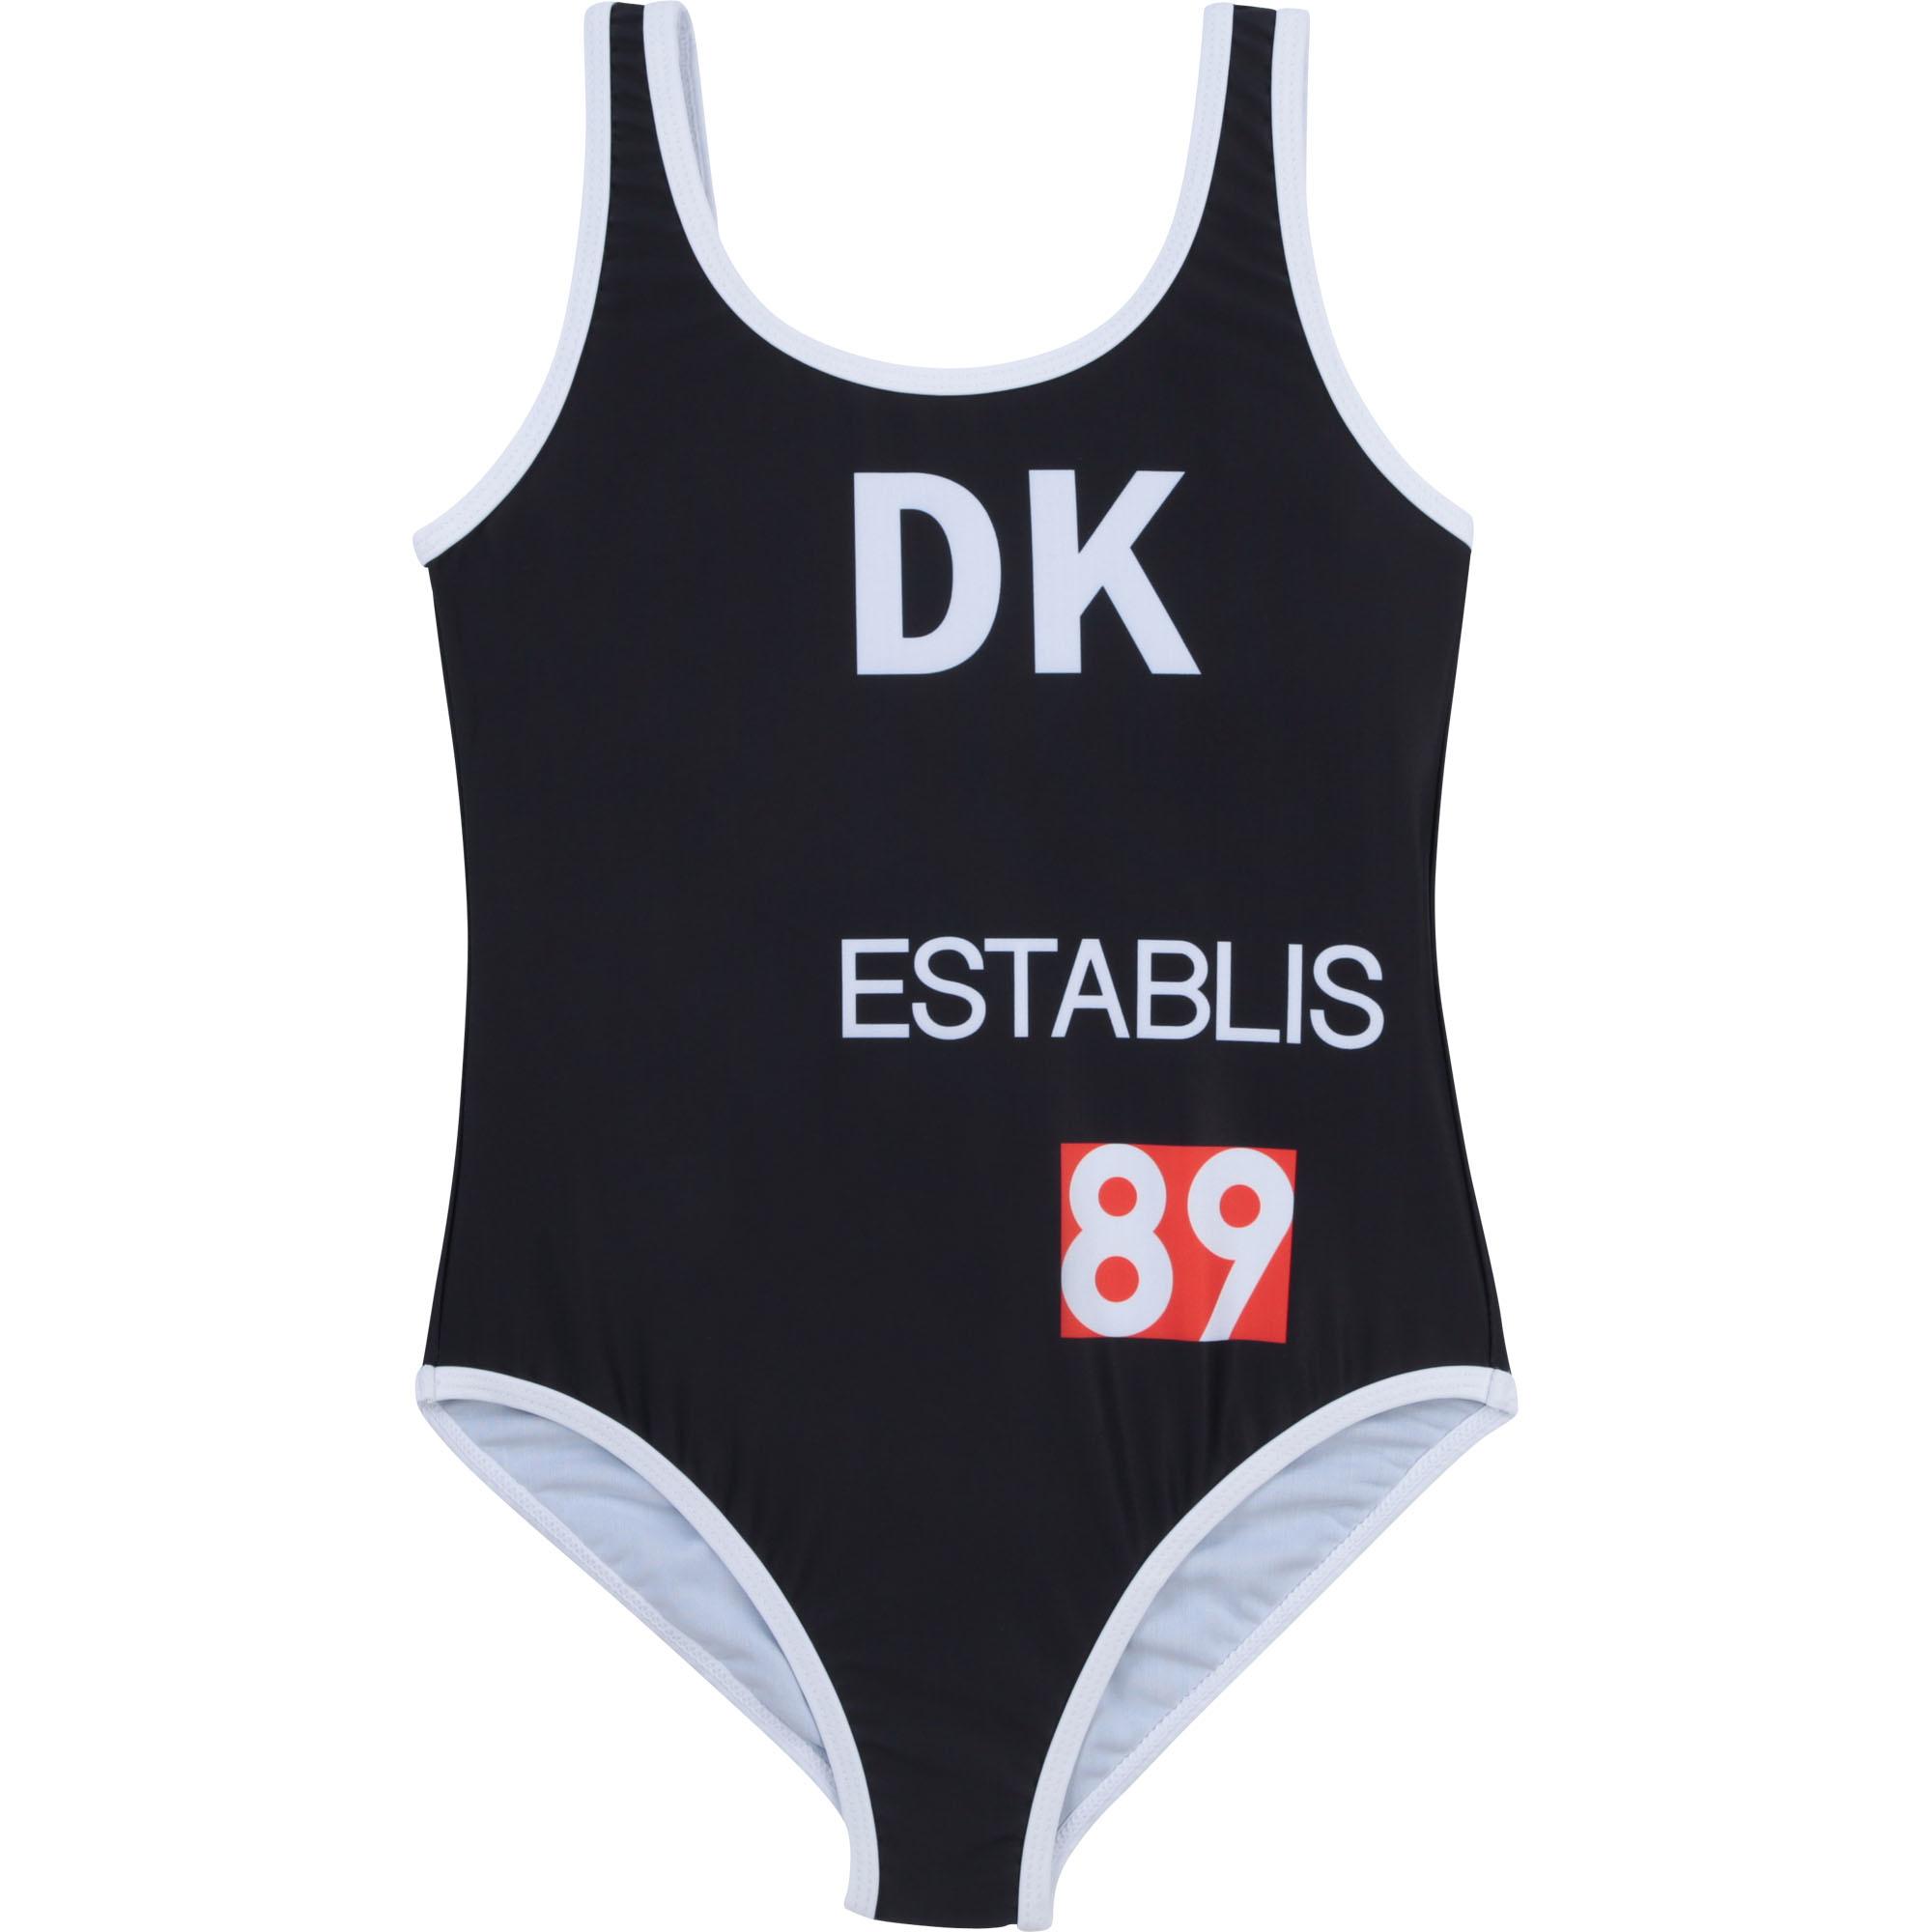 DKNY maillot de bain une pièce-1